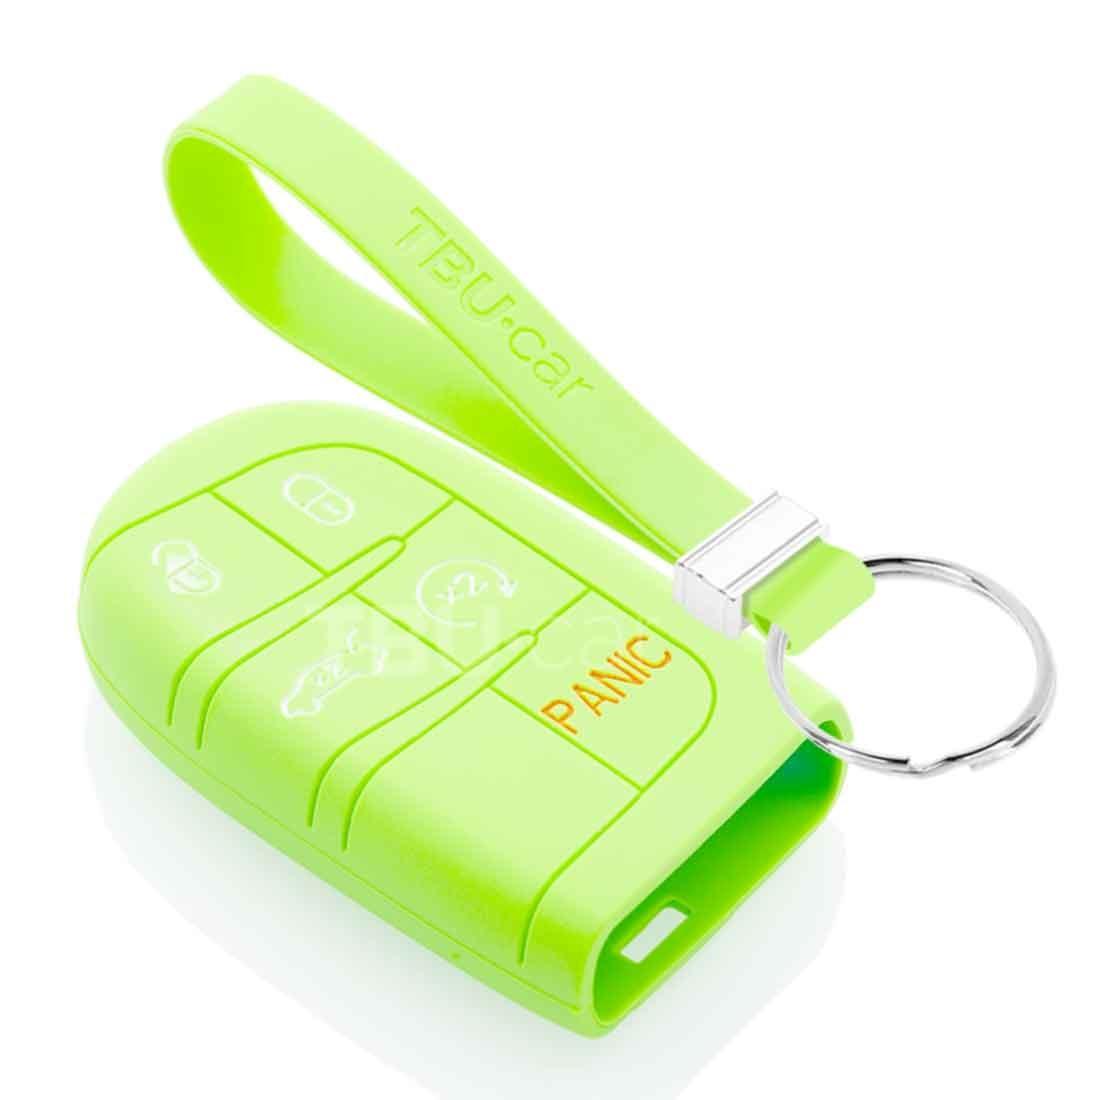 TBU car TBU car Sleutel cover compatibel met Fiat - Silicone sleutelhoesje - beschermhoesje autosleutel - Glow in the Dark